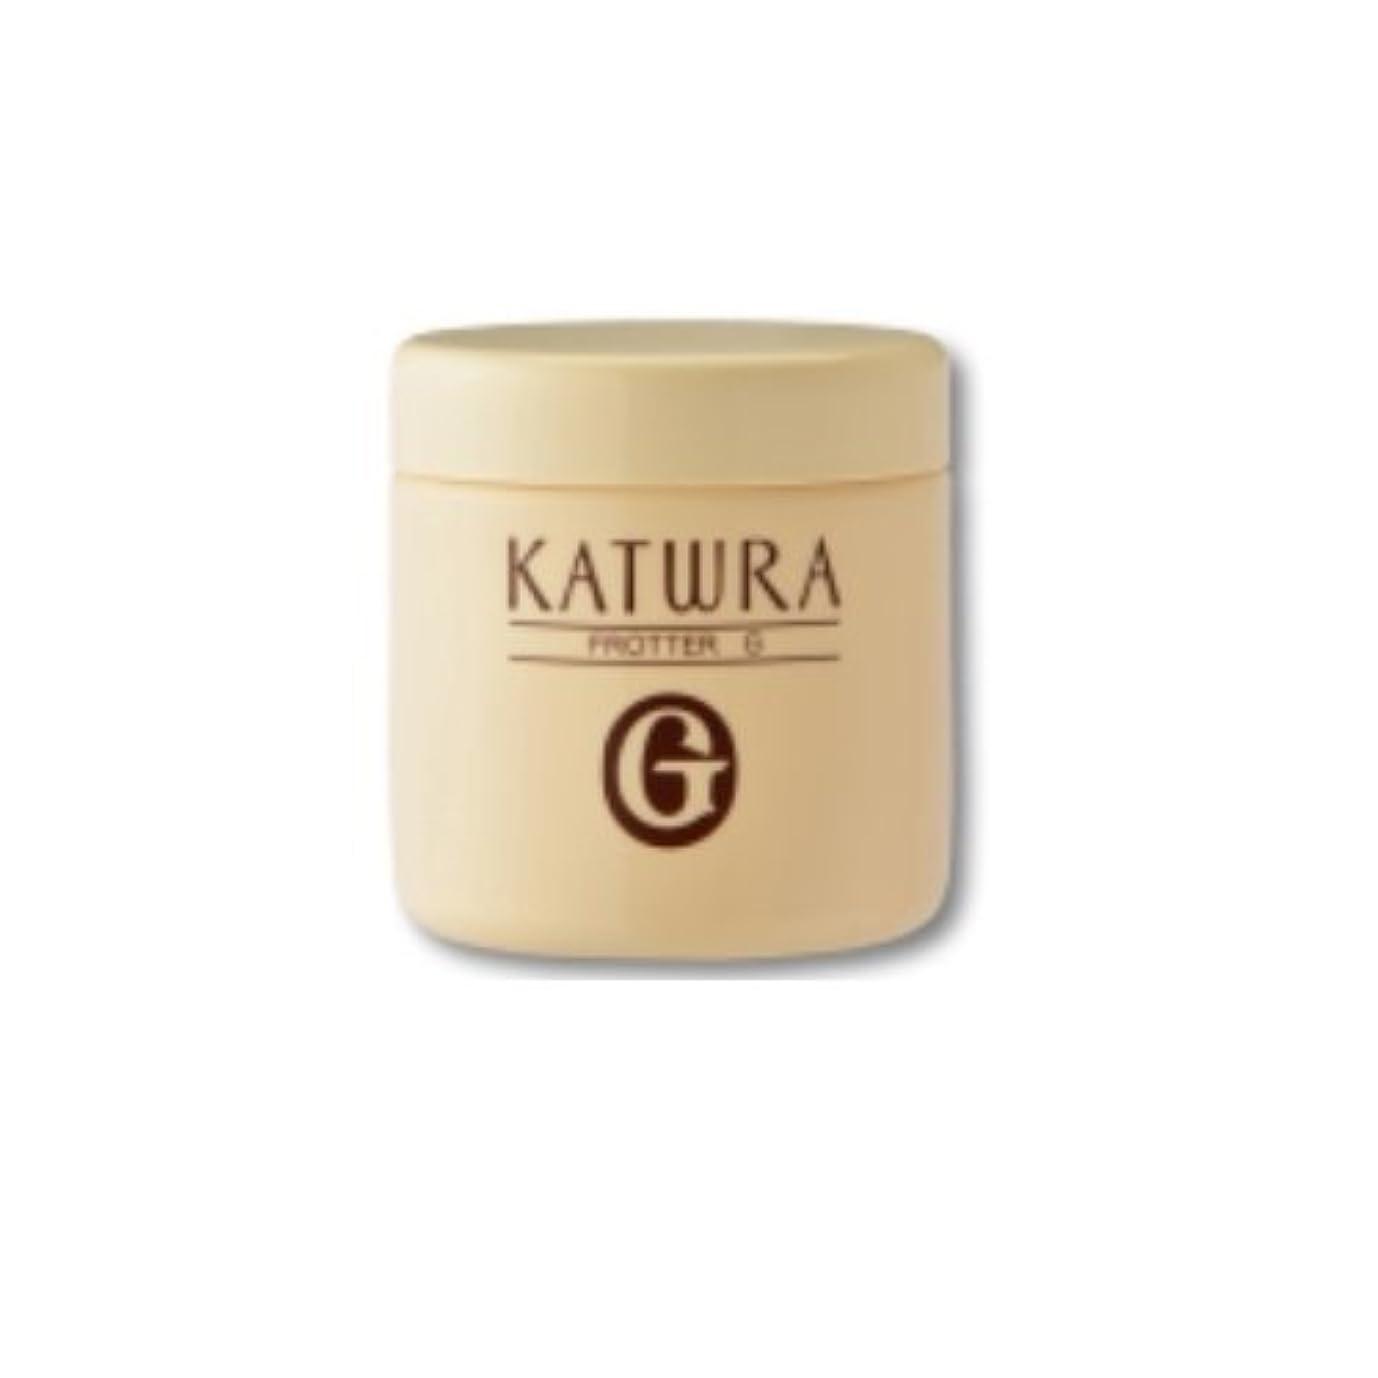 サイトラインナチュラ祖母カツウラ フローテG 500g (角質ケア洗顔料)